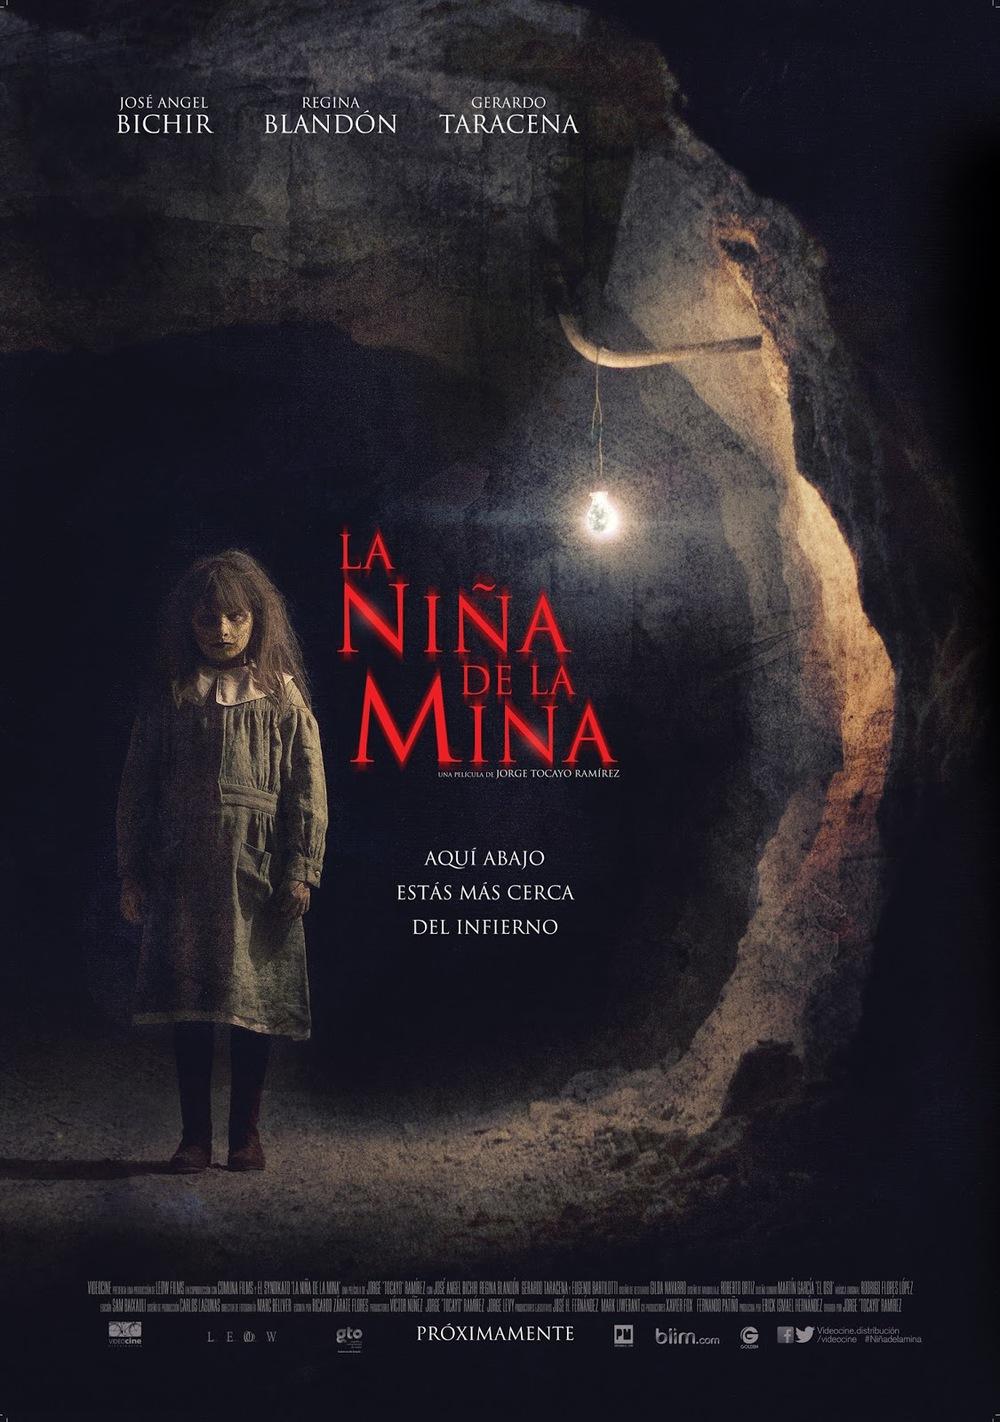 La Niña de la Mina (2016, Feature Film)